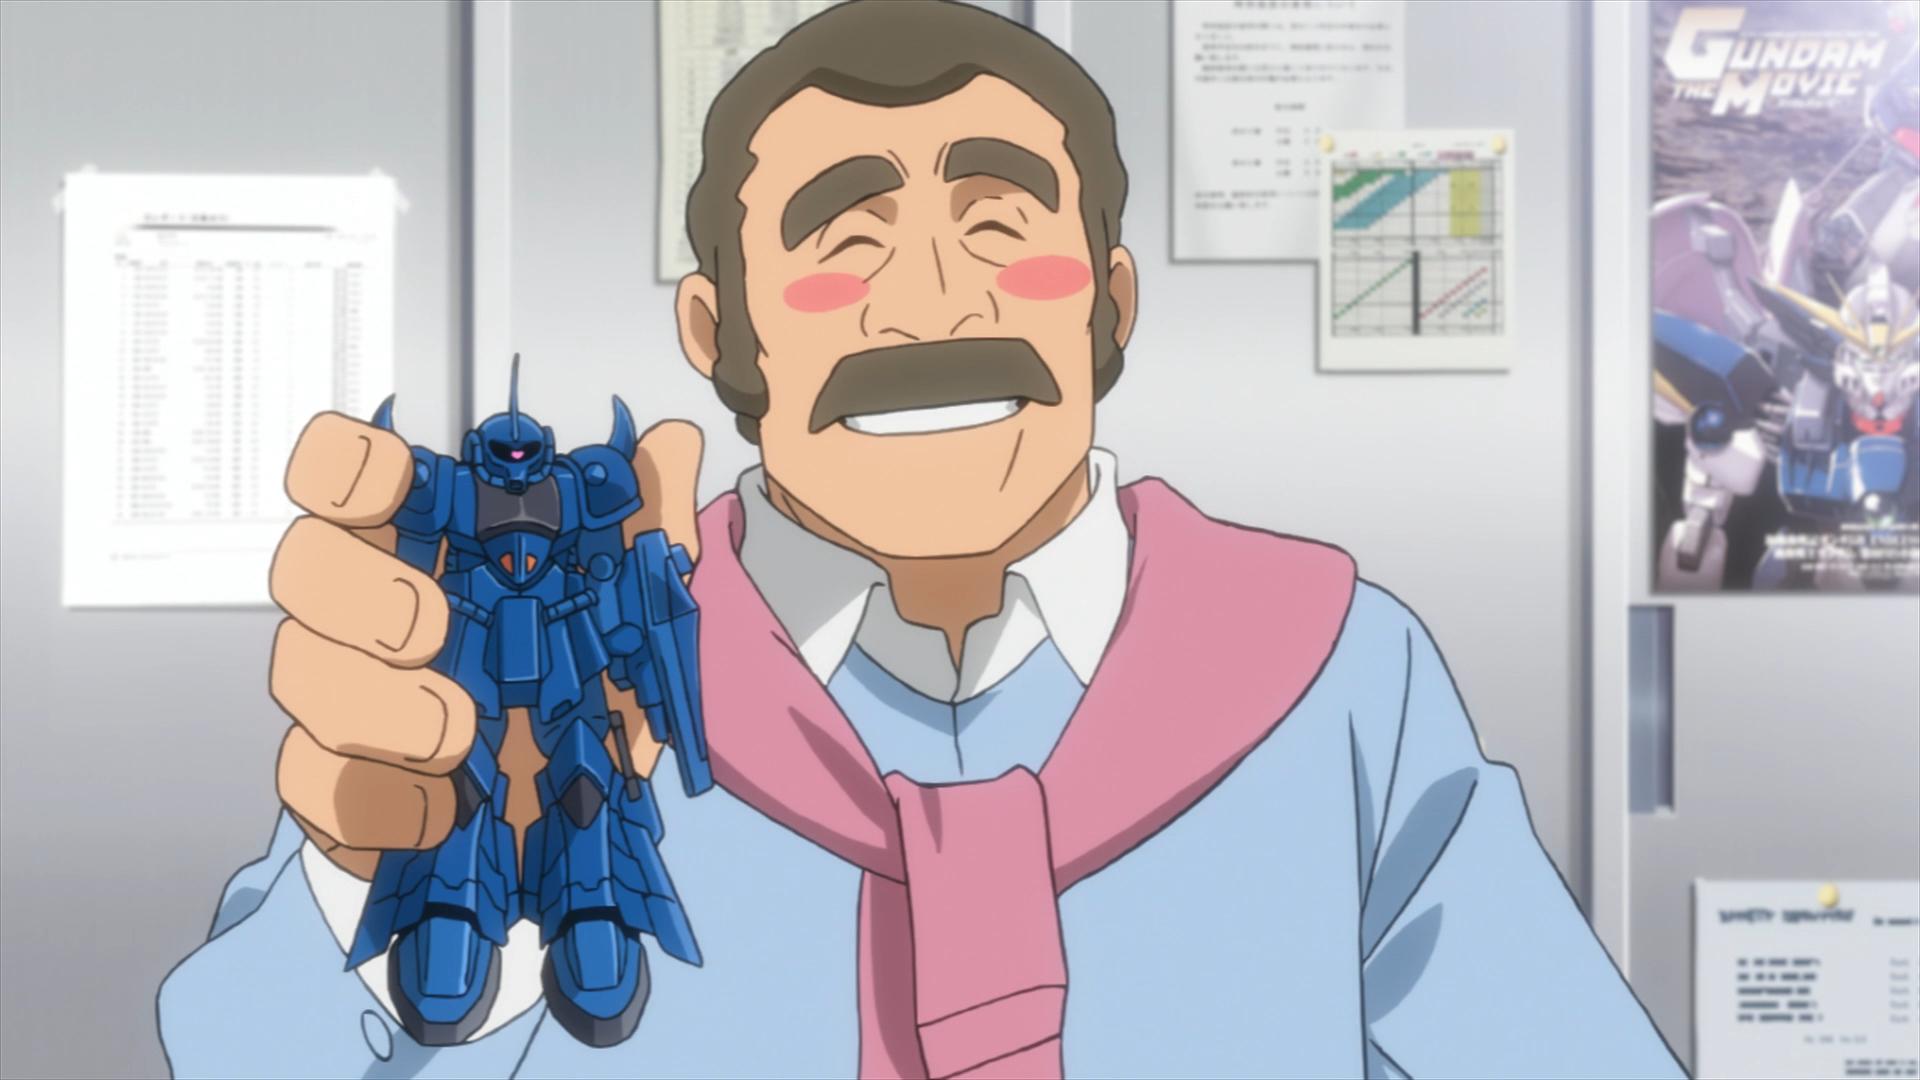 Ral sugiere usar un Gouf Gunpla en una escena de Gundam Build Fighters Try.